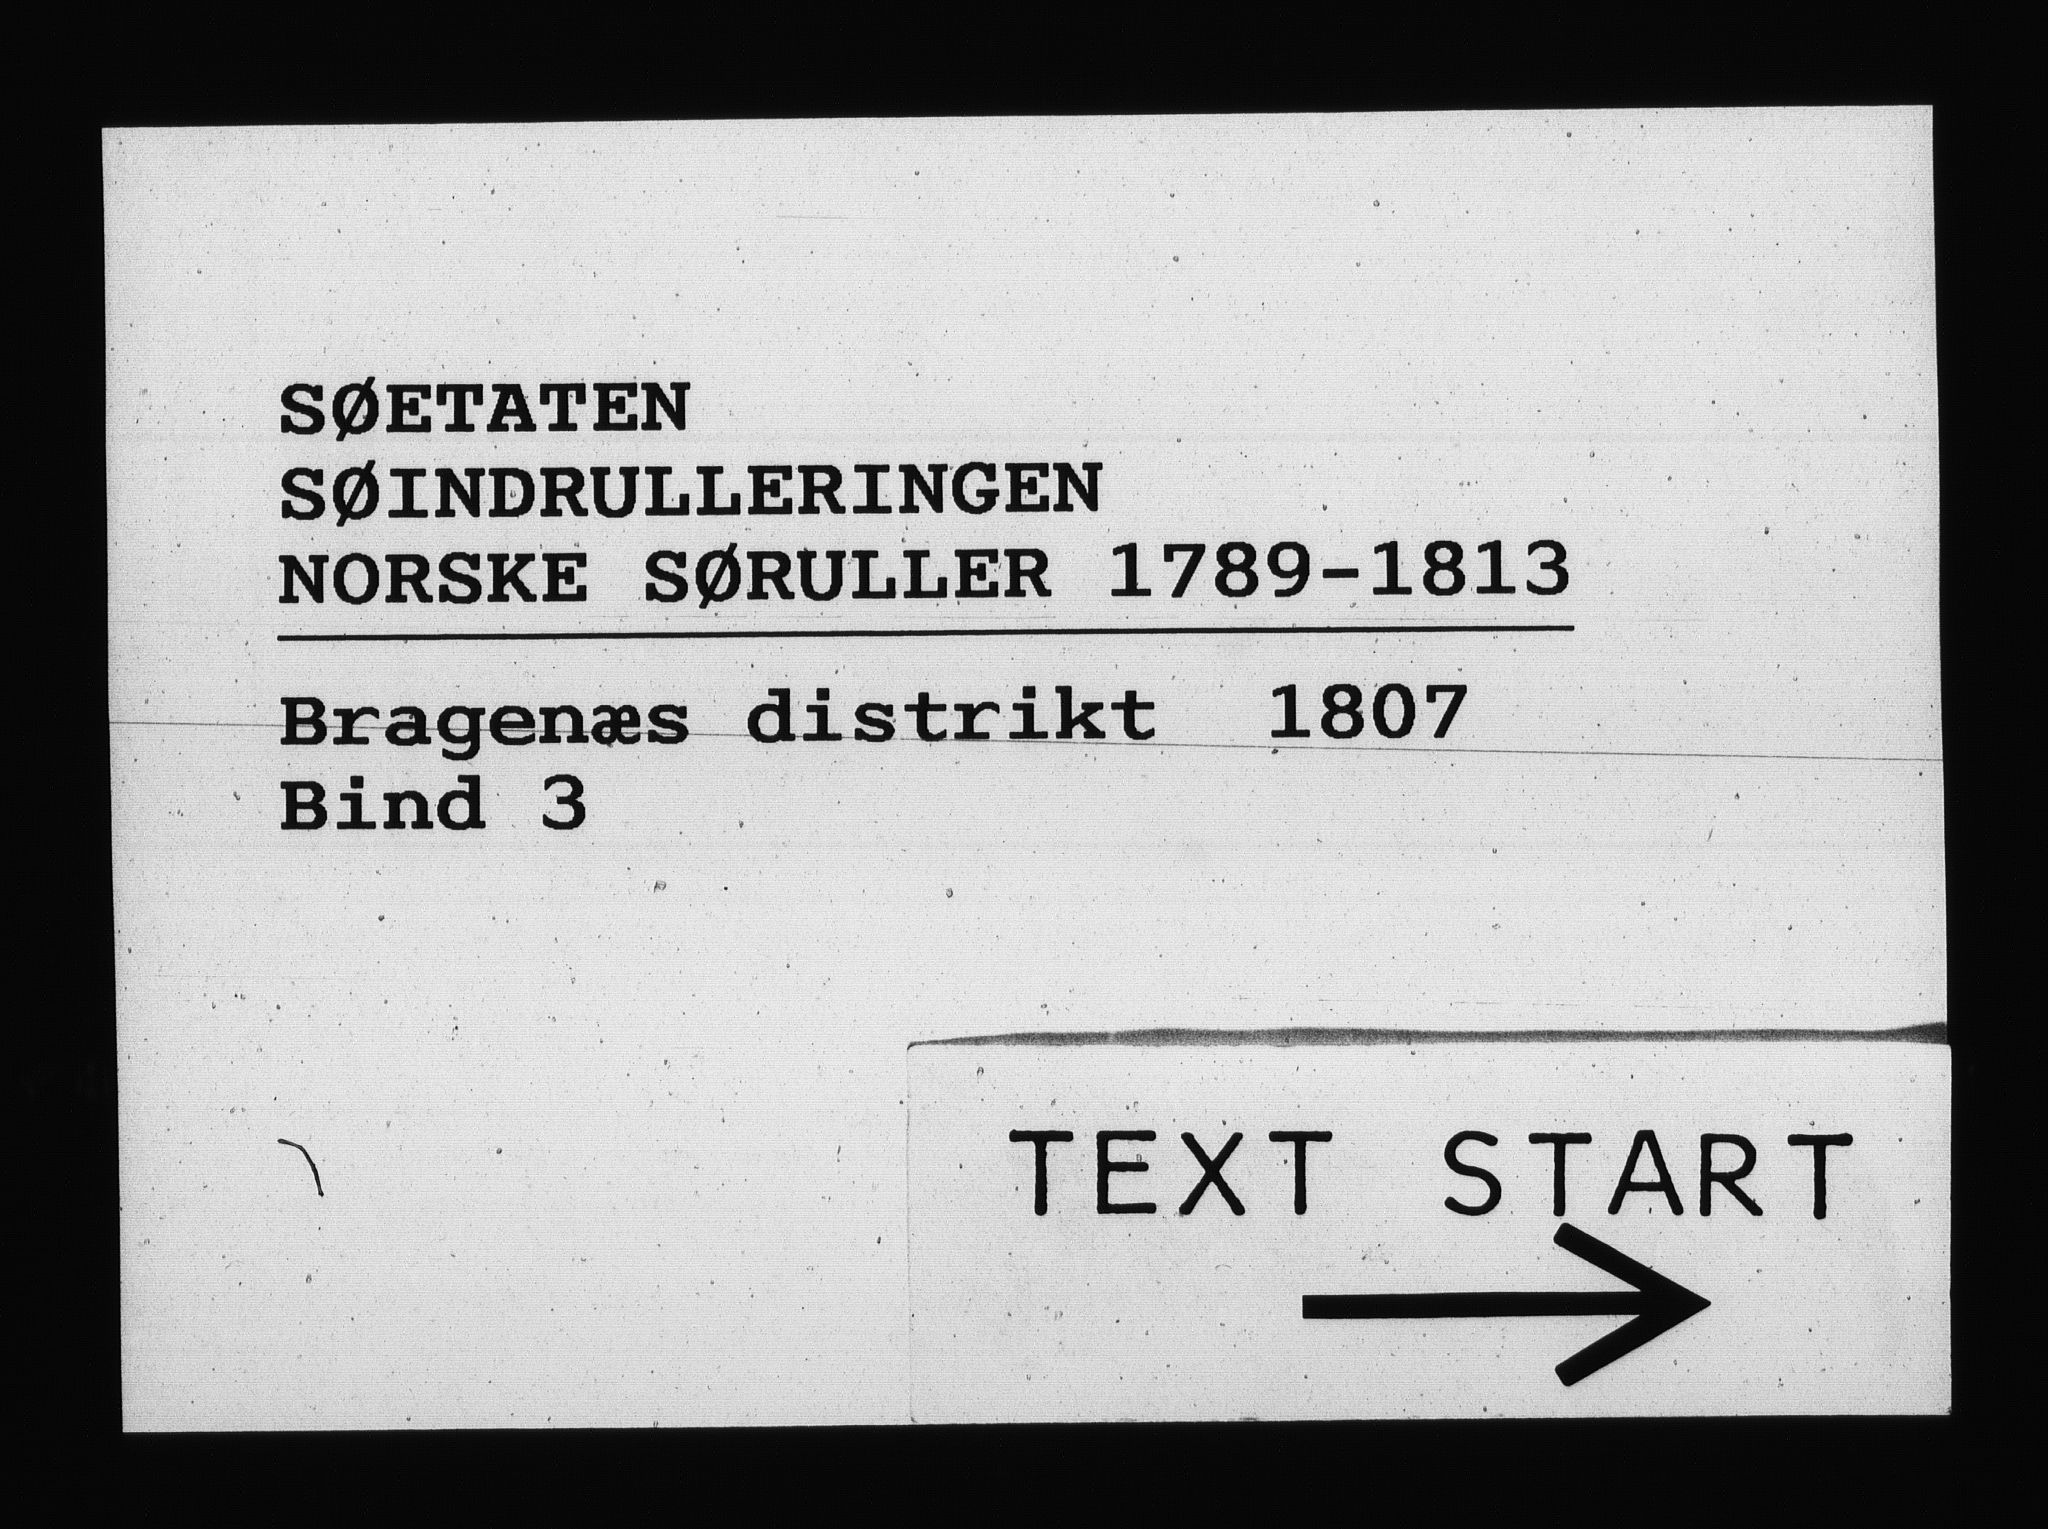 RA, Sjøetaten, F/L0151: Bragernes distrikt, bind 3, 1807